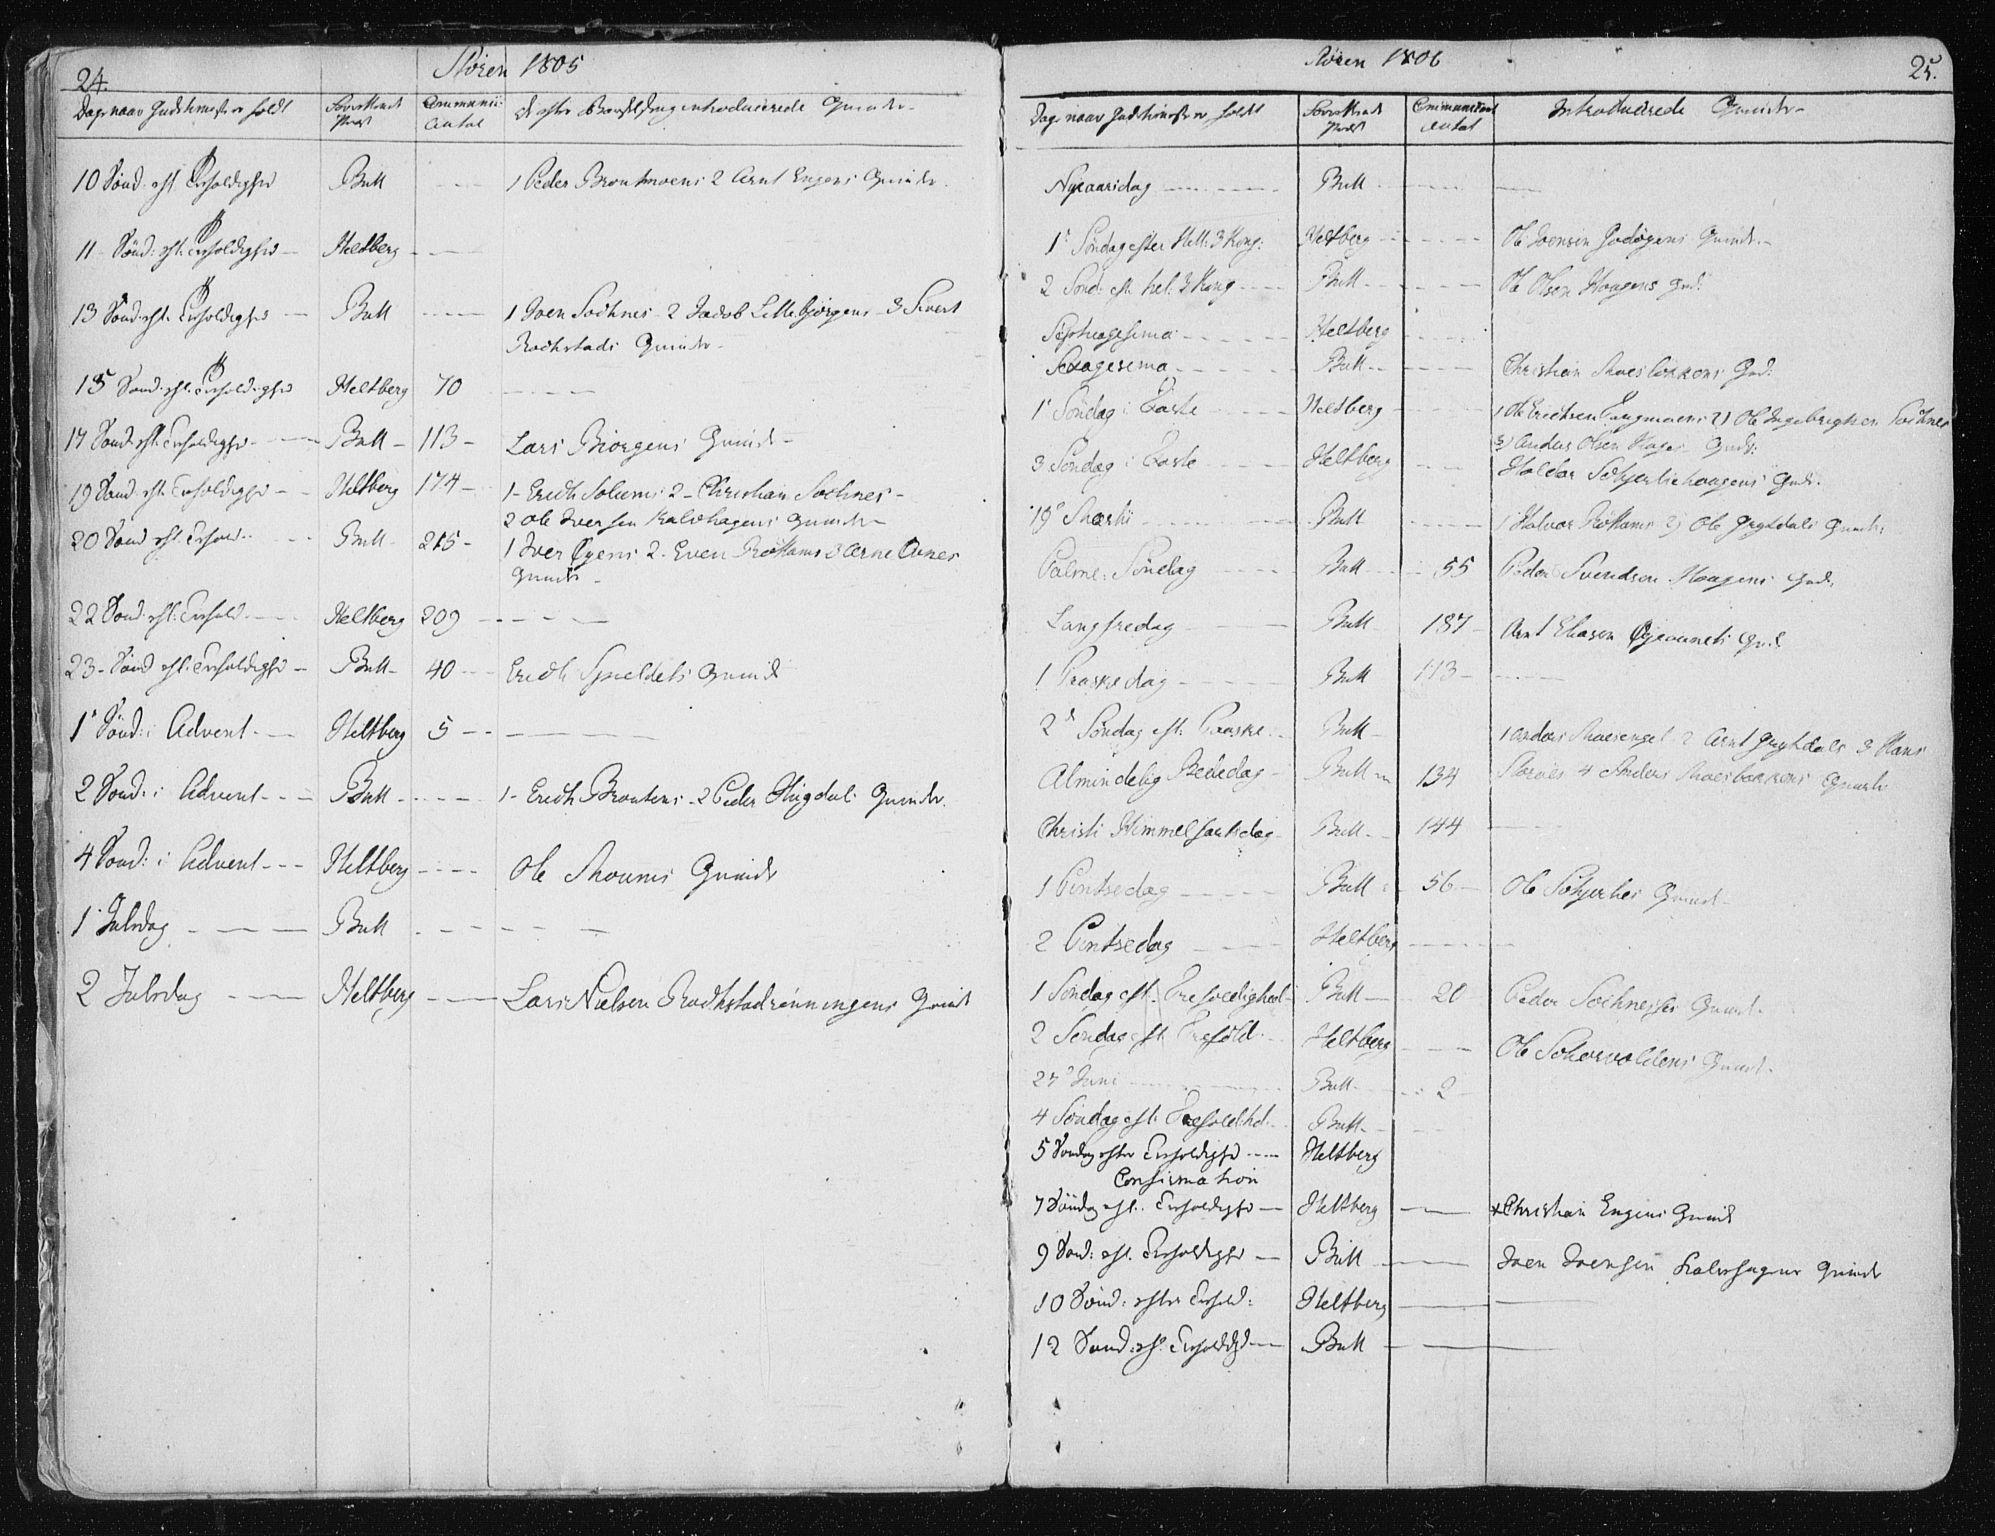 SAT, Ministerialprotokoller, klokkerbøker og fødselsregistre - Sør-Trøndelag, 687/L0992: Ministerialbok nr. 687A03 /1, 1788-1815, s. 24-25